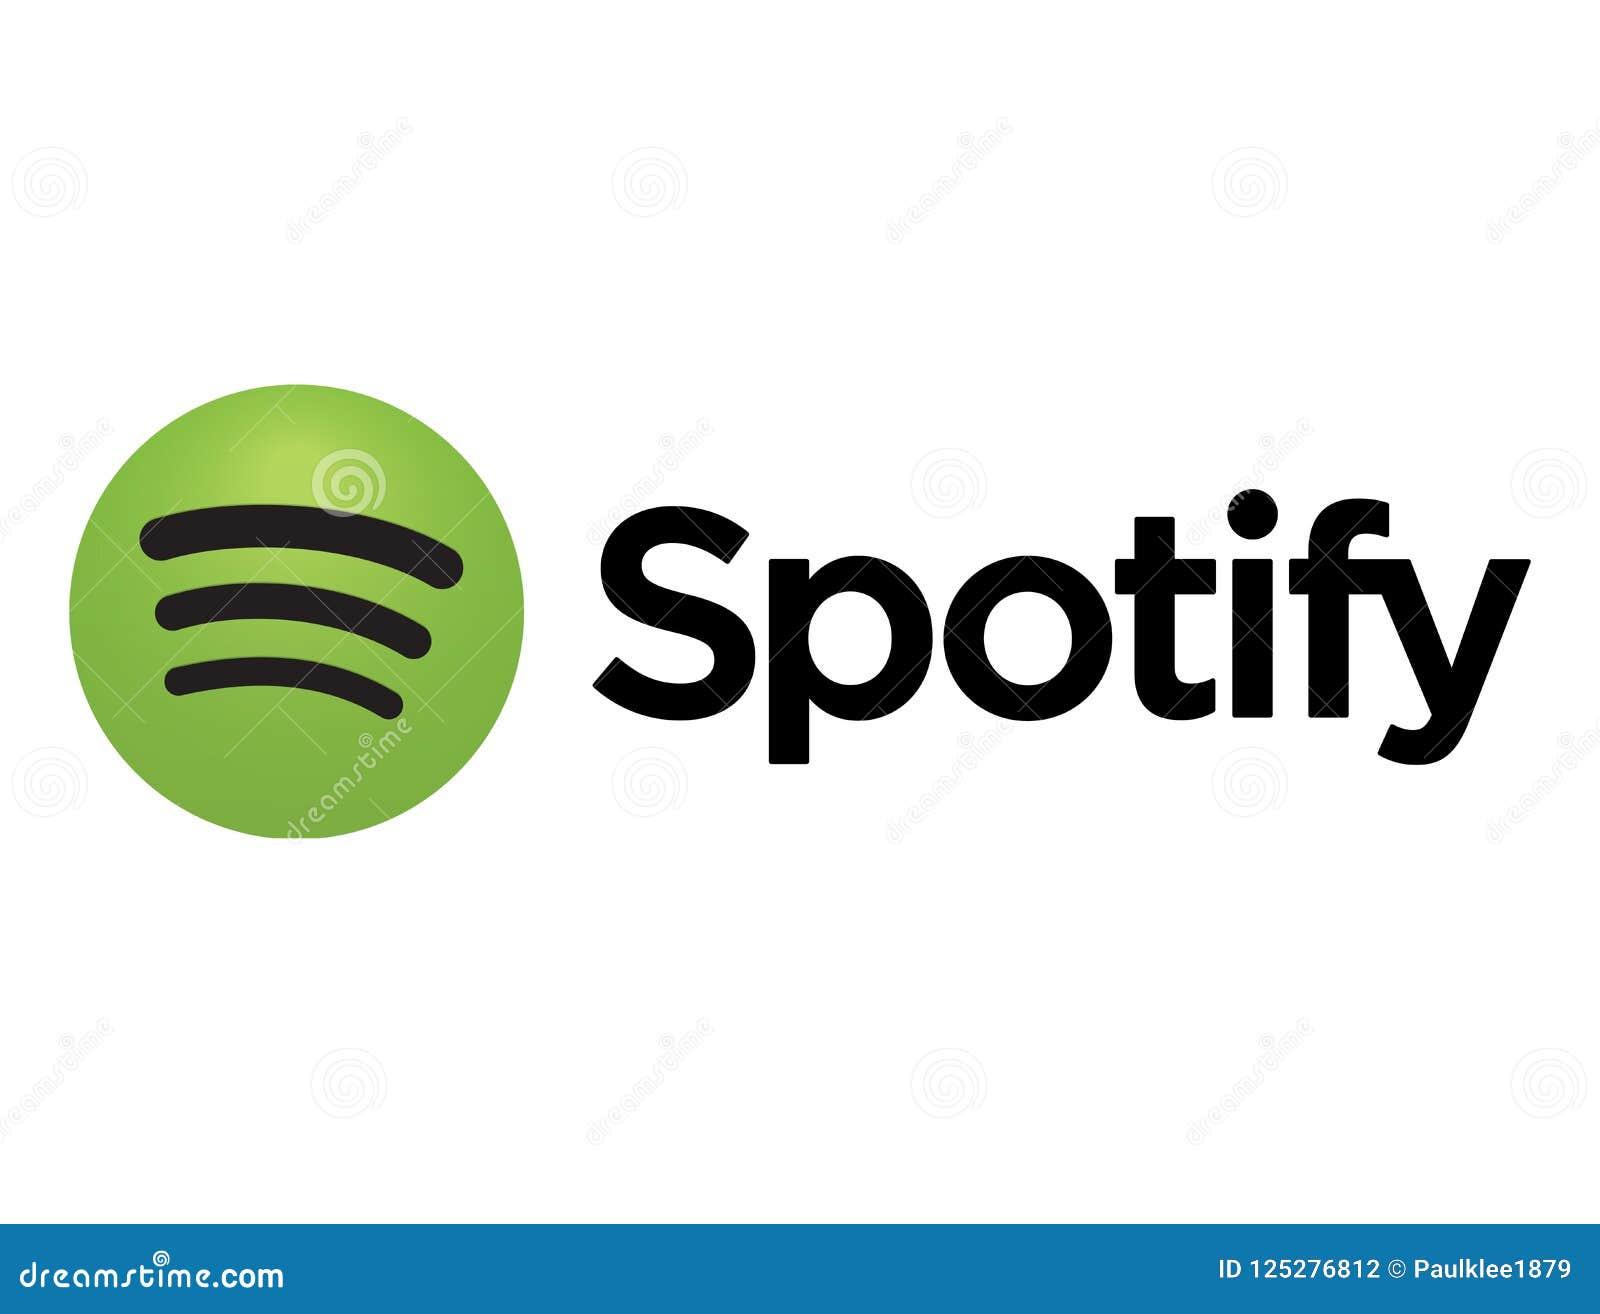 Icone De Spotify Imprimee Sur Le Livre Blanc Photographie